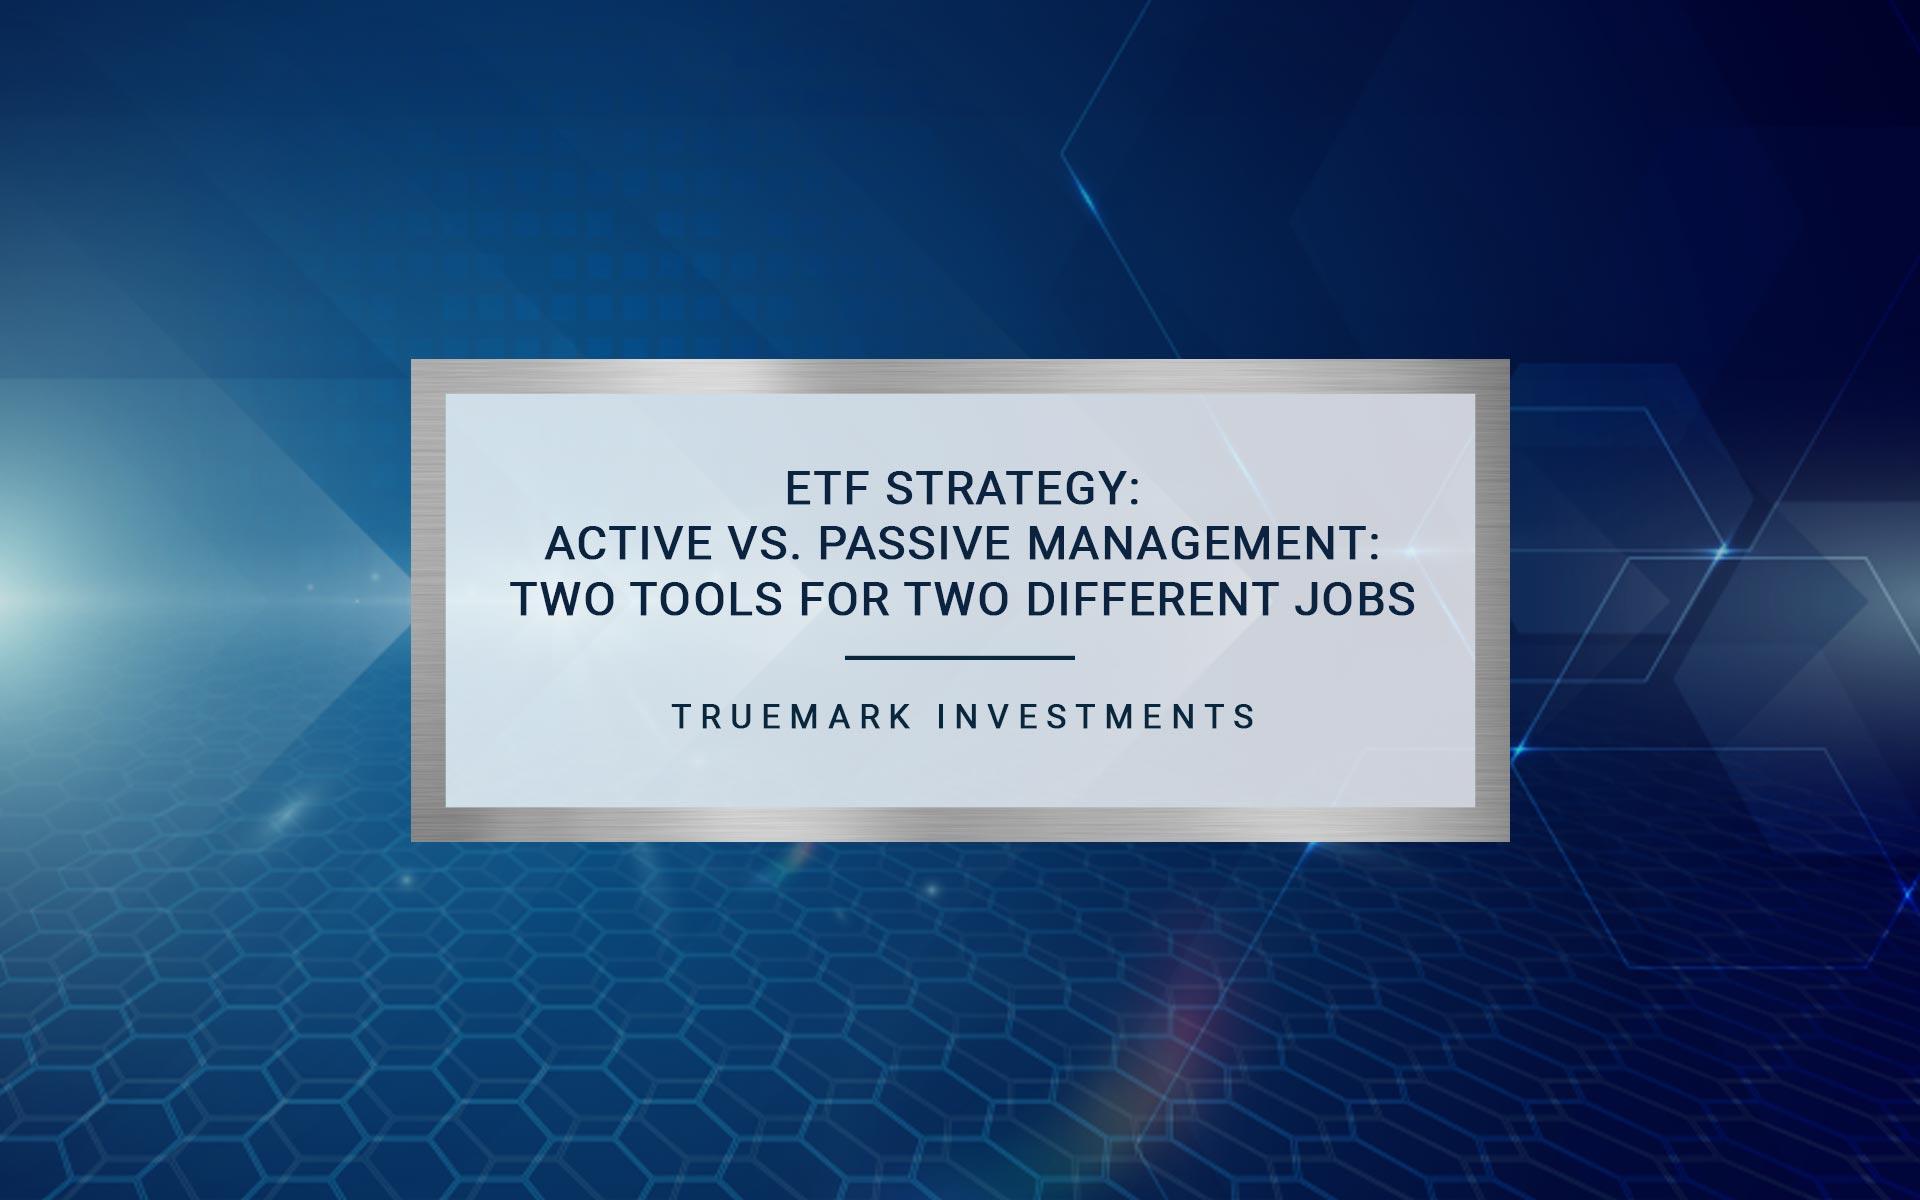 ETF STRATEGY: ACTIVE VS. PASSIVE MANAGEMENT